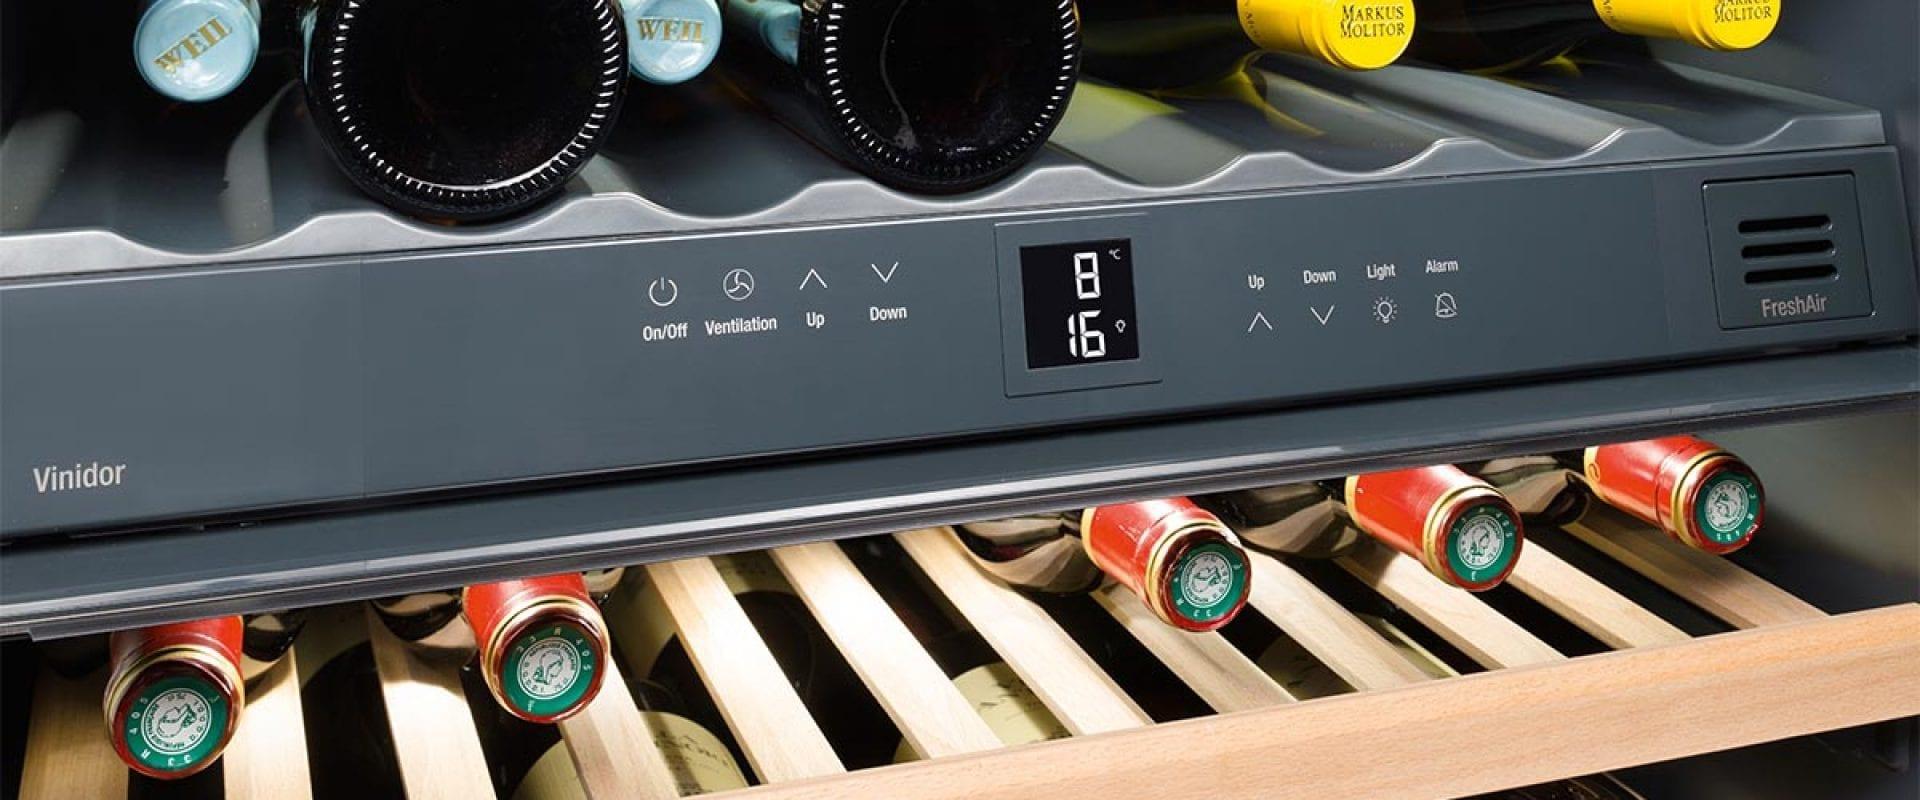 Wat is de beste serveertemperatuur voor wijn?